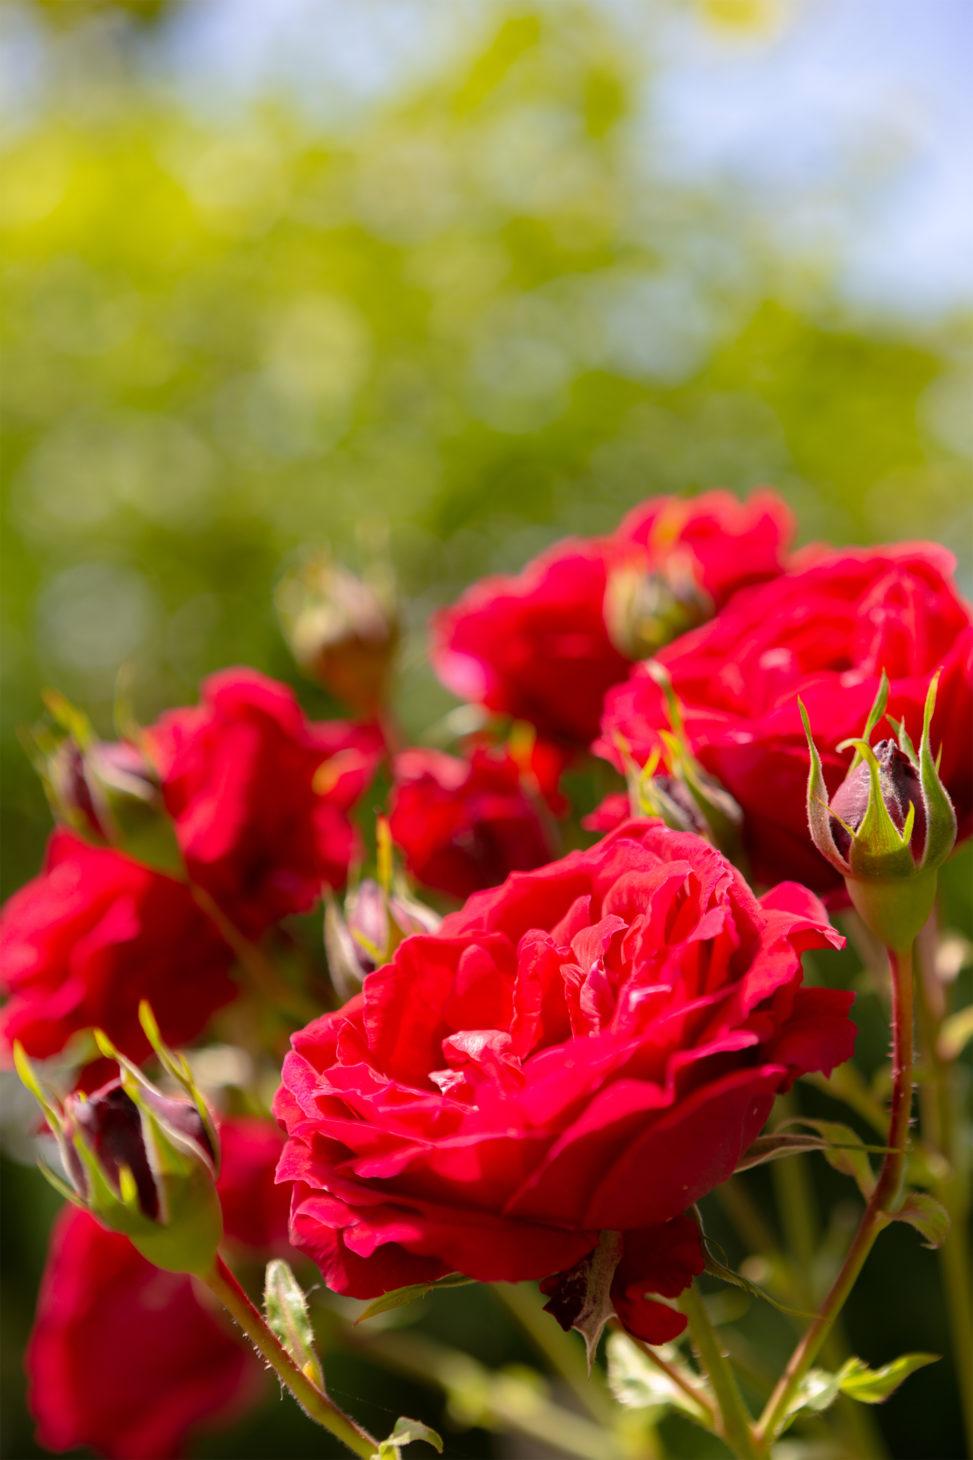 真っ赤なバラ(薔薇)の写真素材